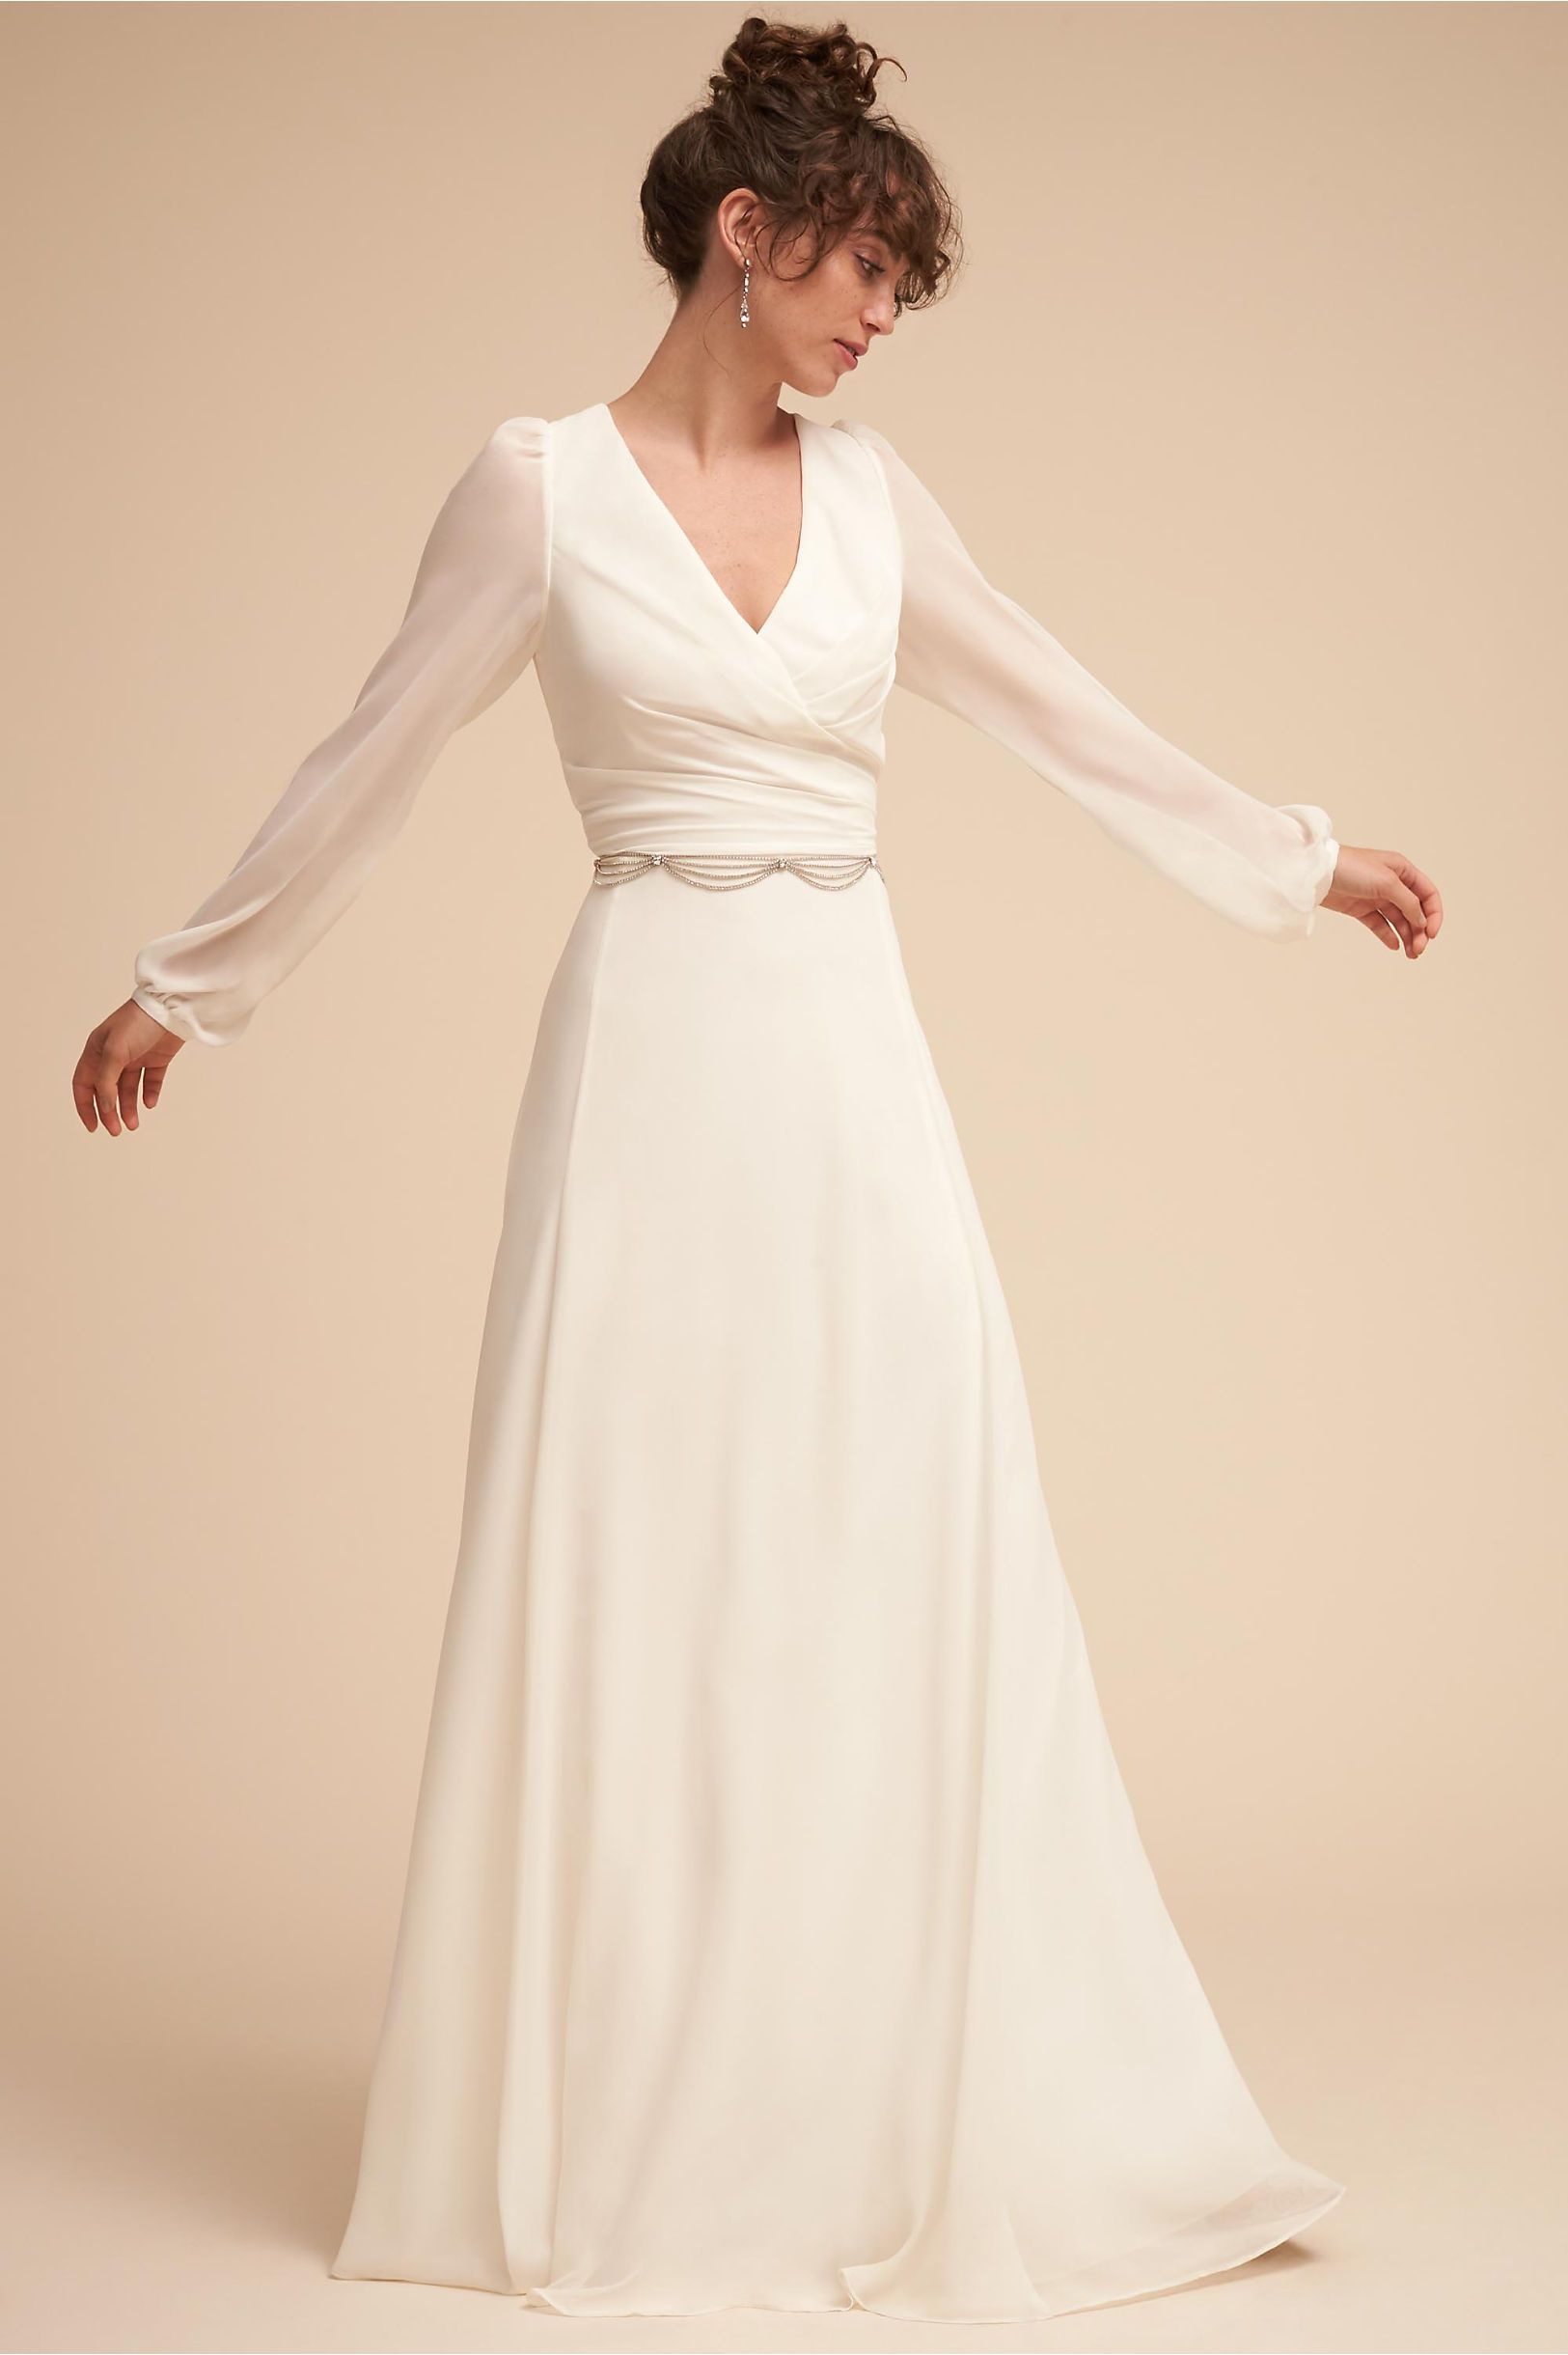 BHLDN's Watters Nova Dress in Ivory Online wedding dress